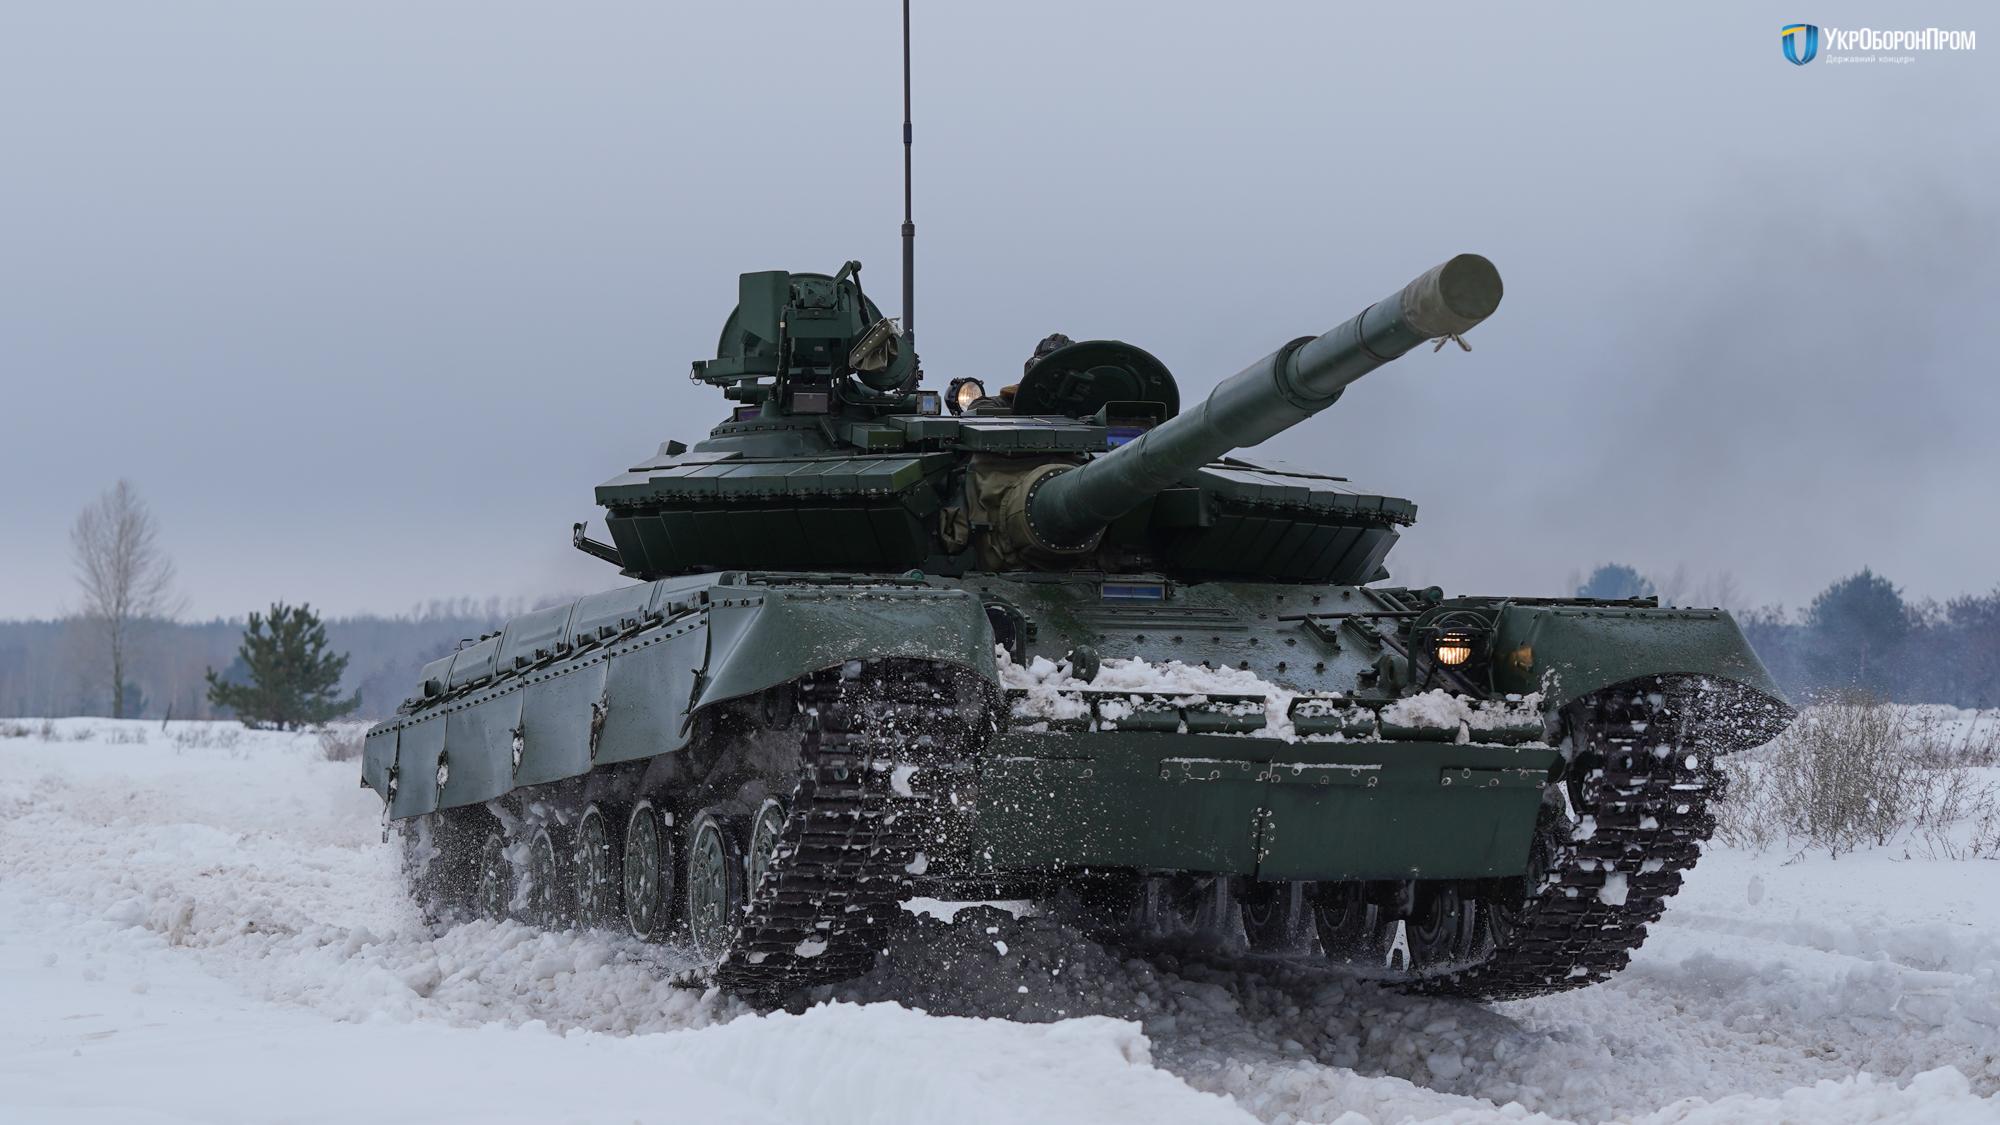 Украинская армия получила партию сверхмощных модернизированных танков (Фото) - фото 4